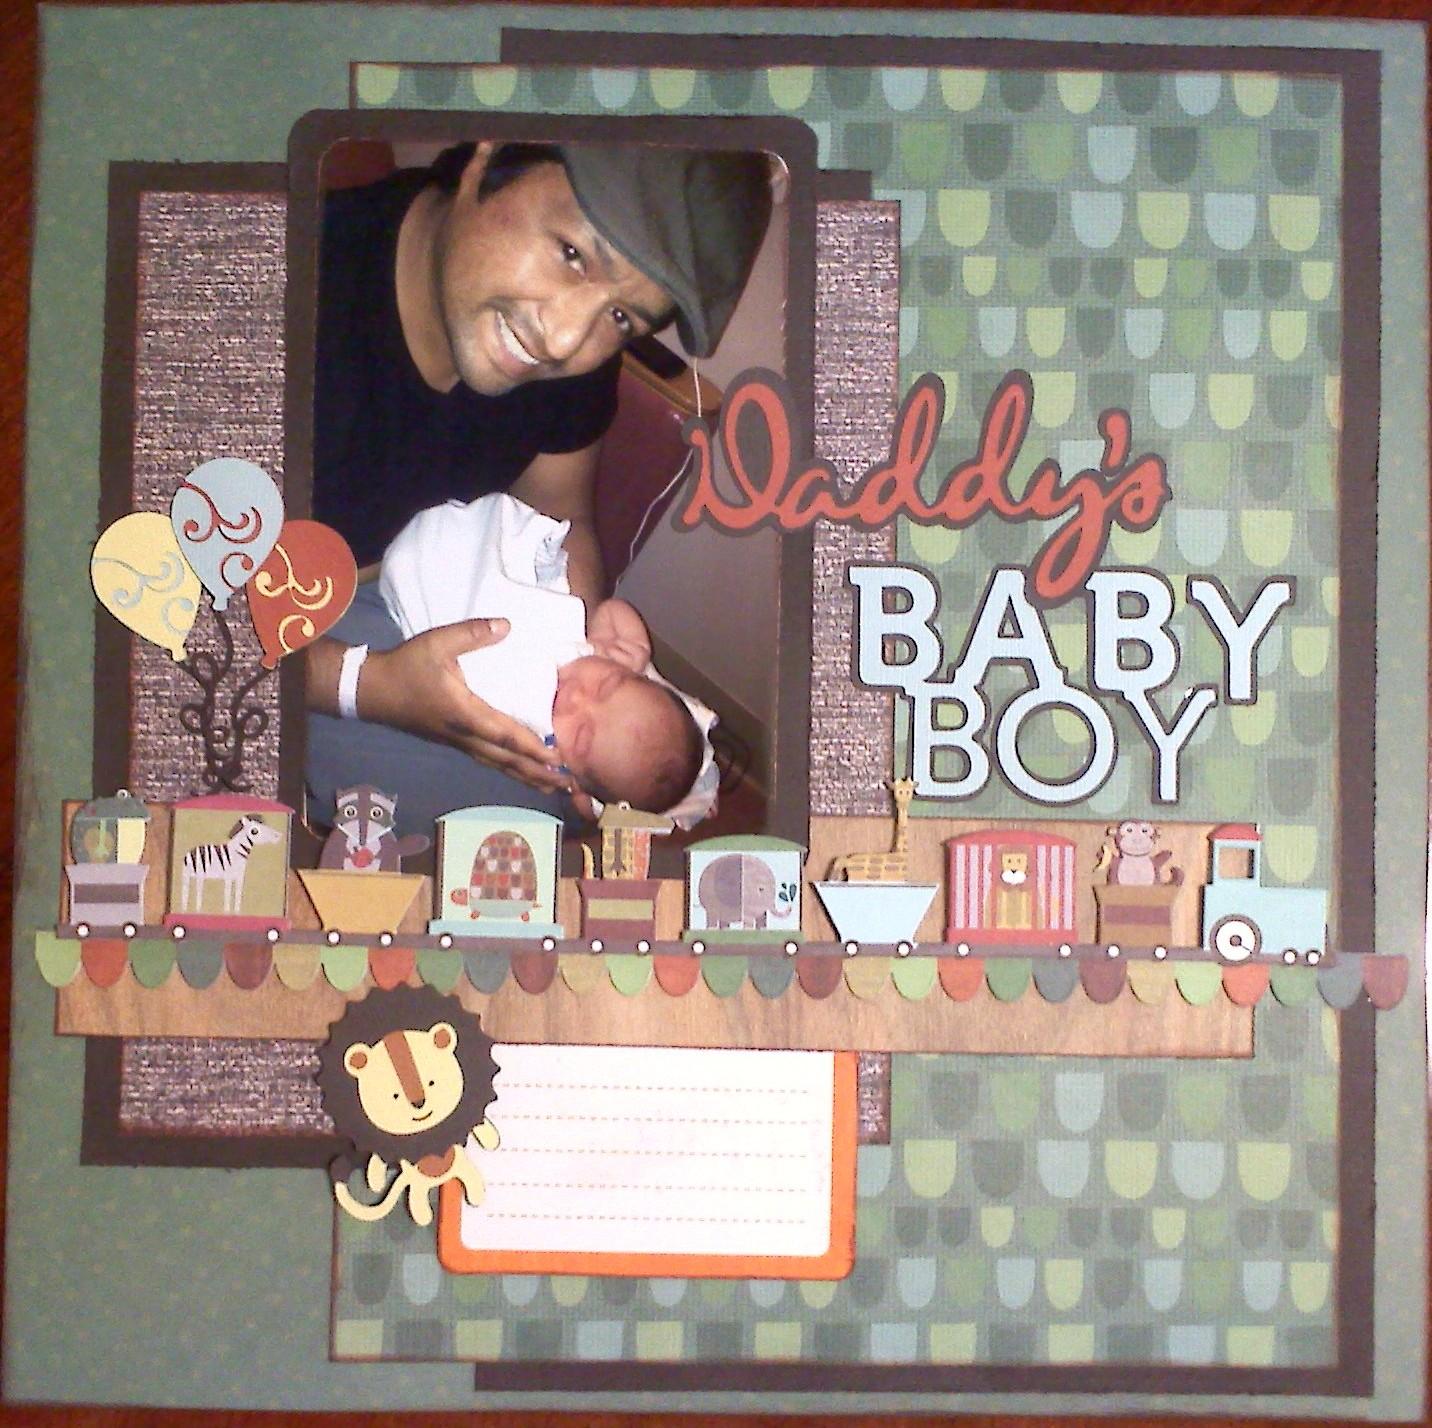 Daddys Baby Boy